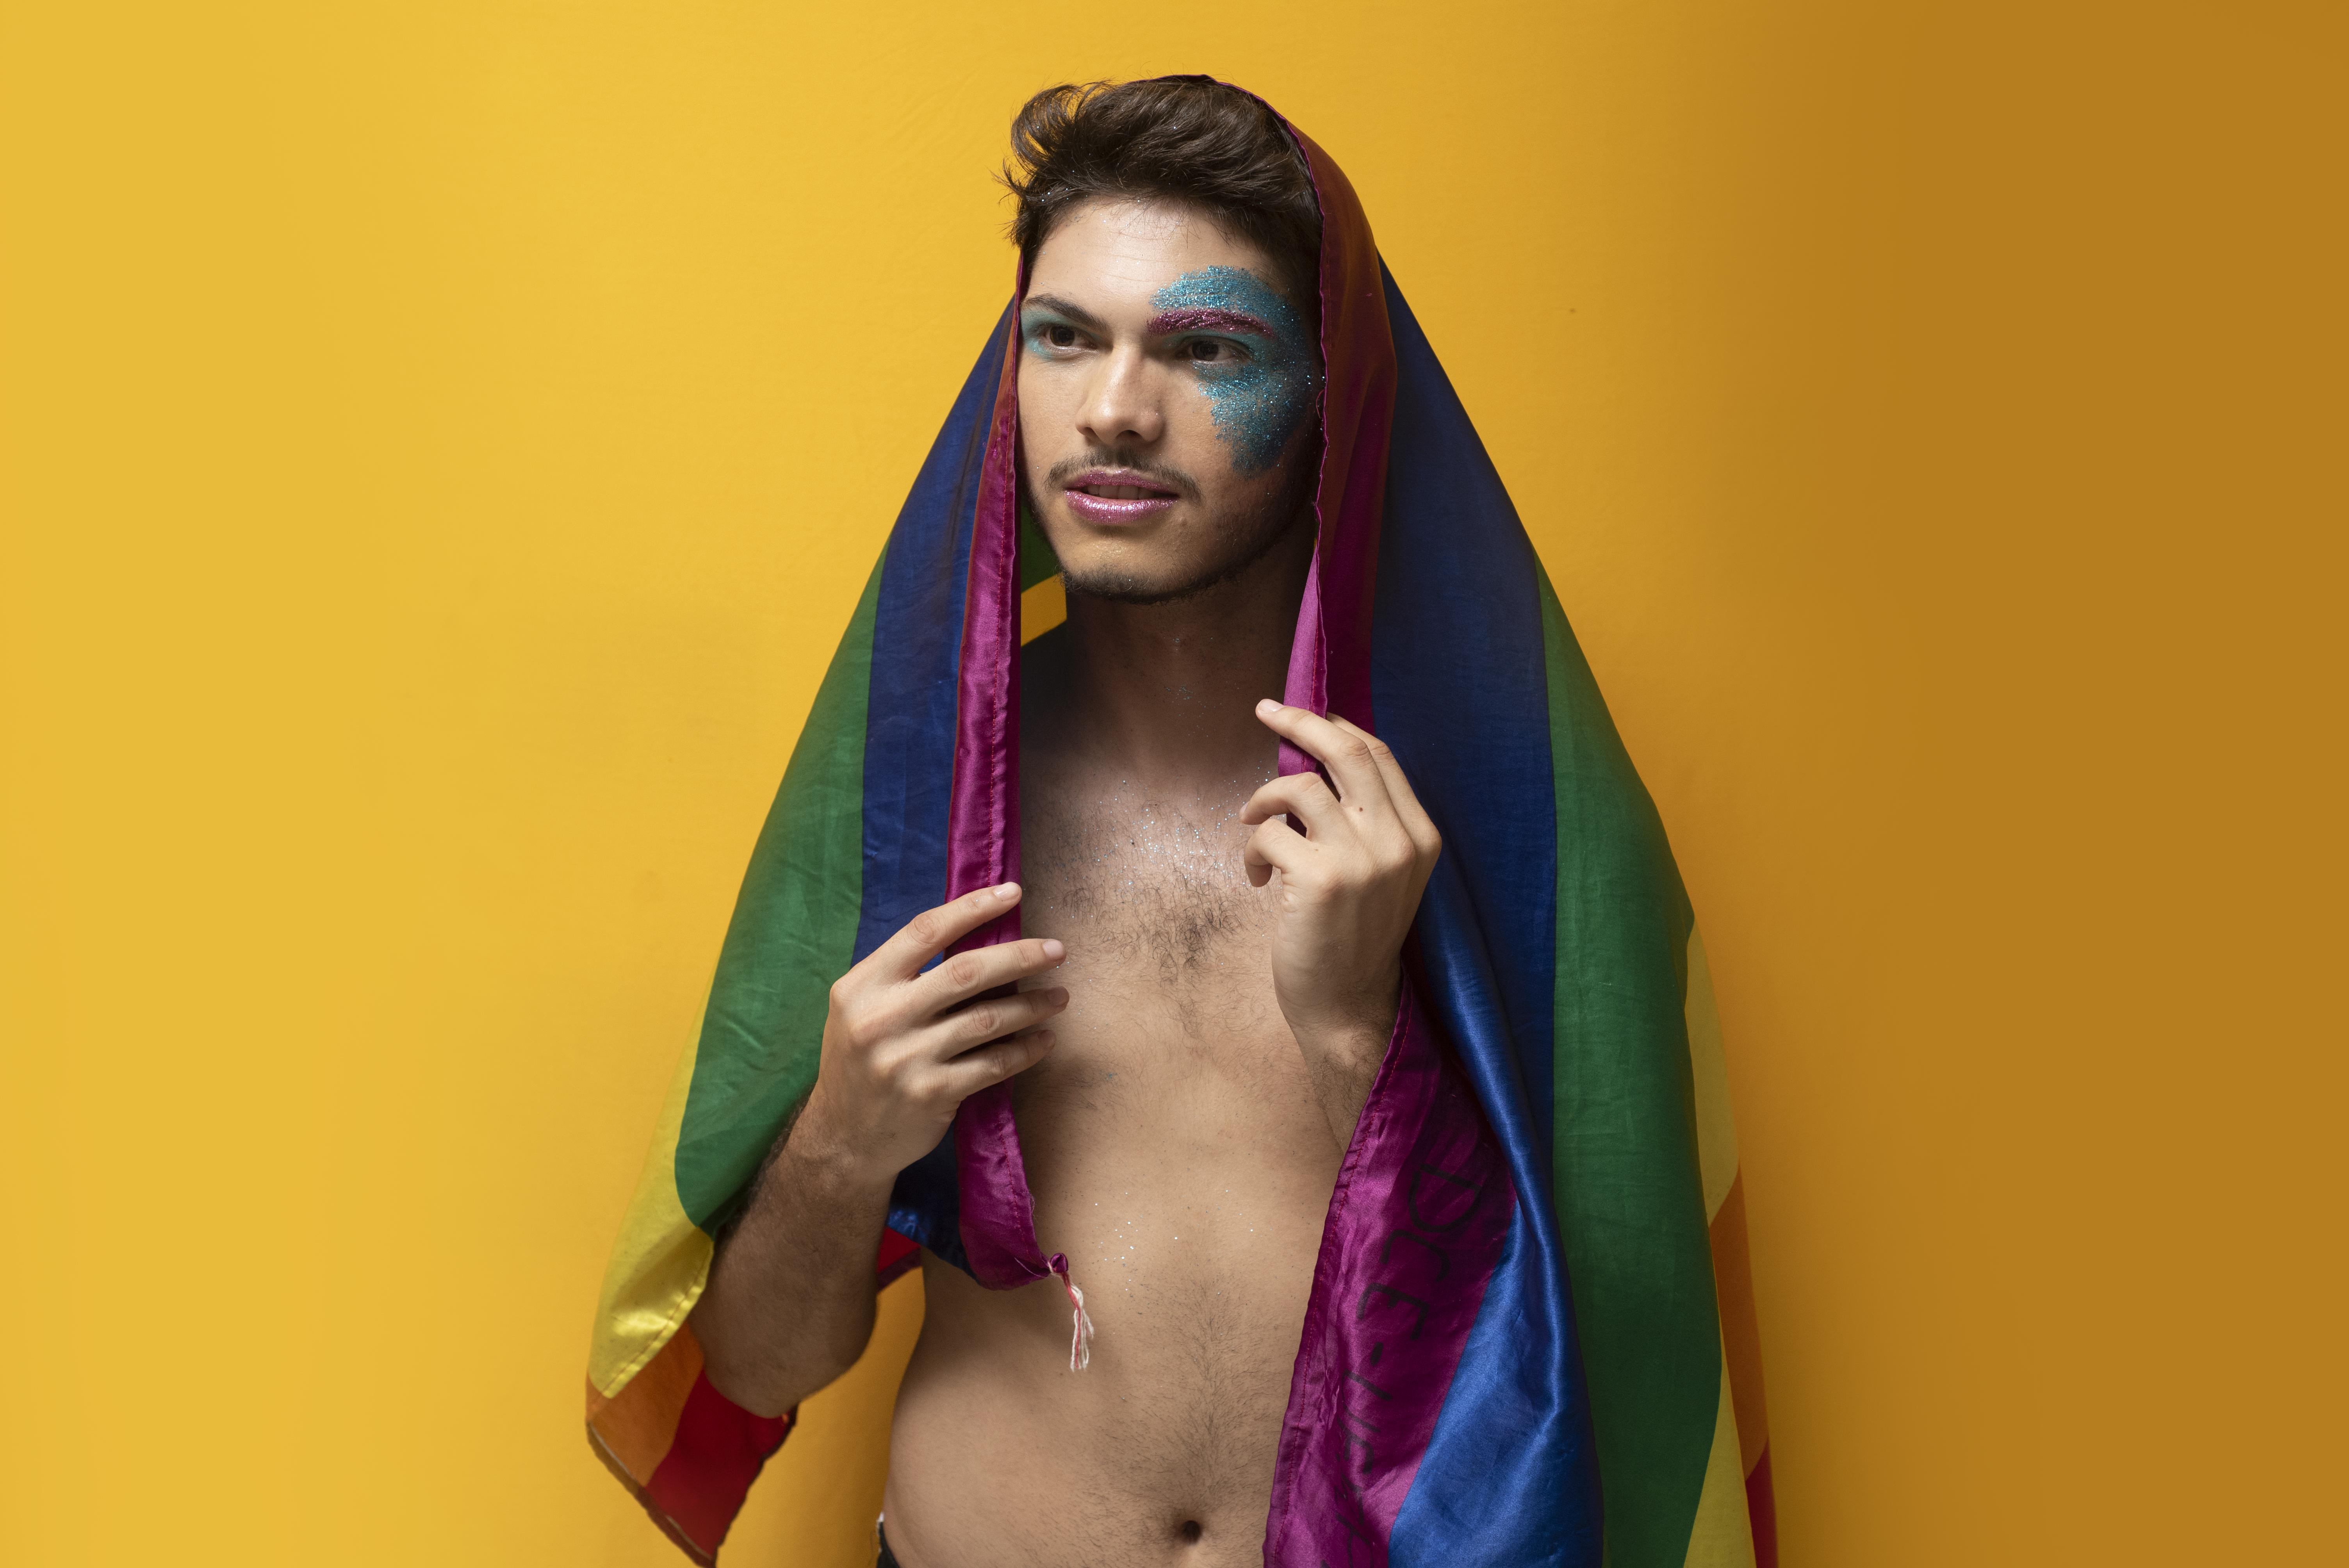 gratuit mobile porno gay en streaming